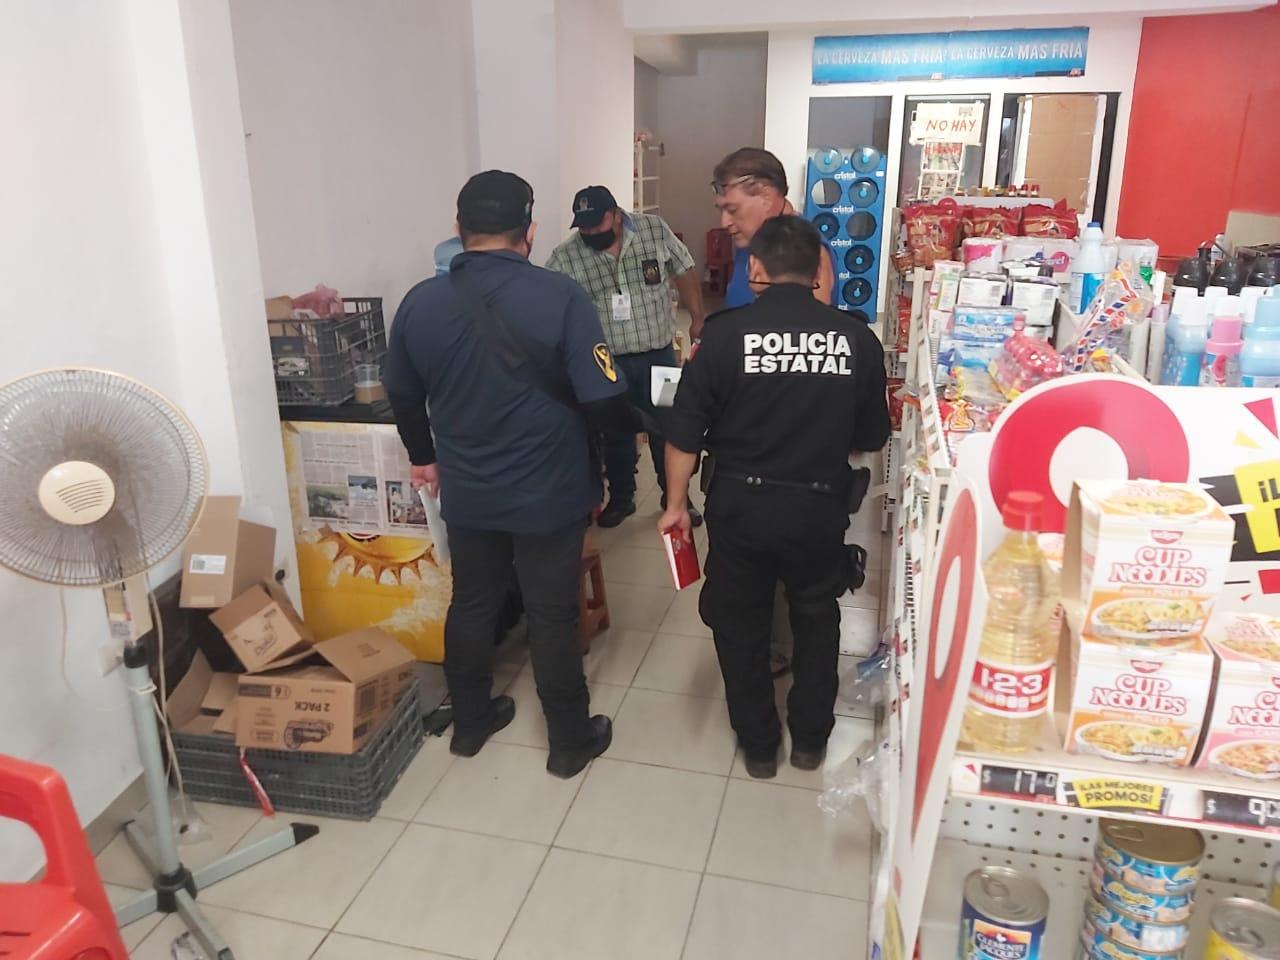 Vigilancia por parte de SSP y policía municipal